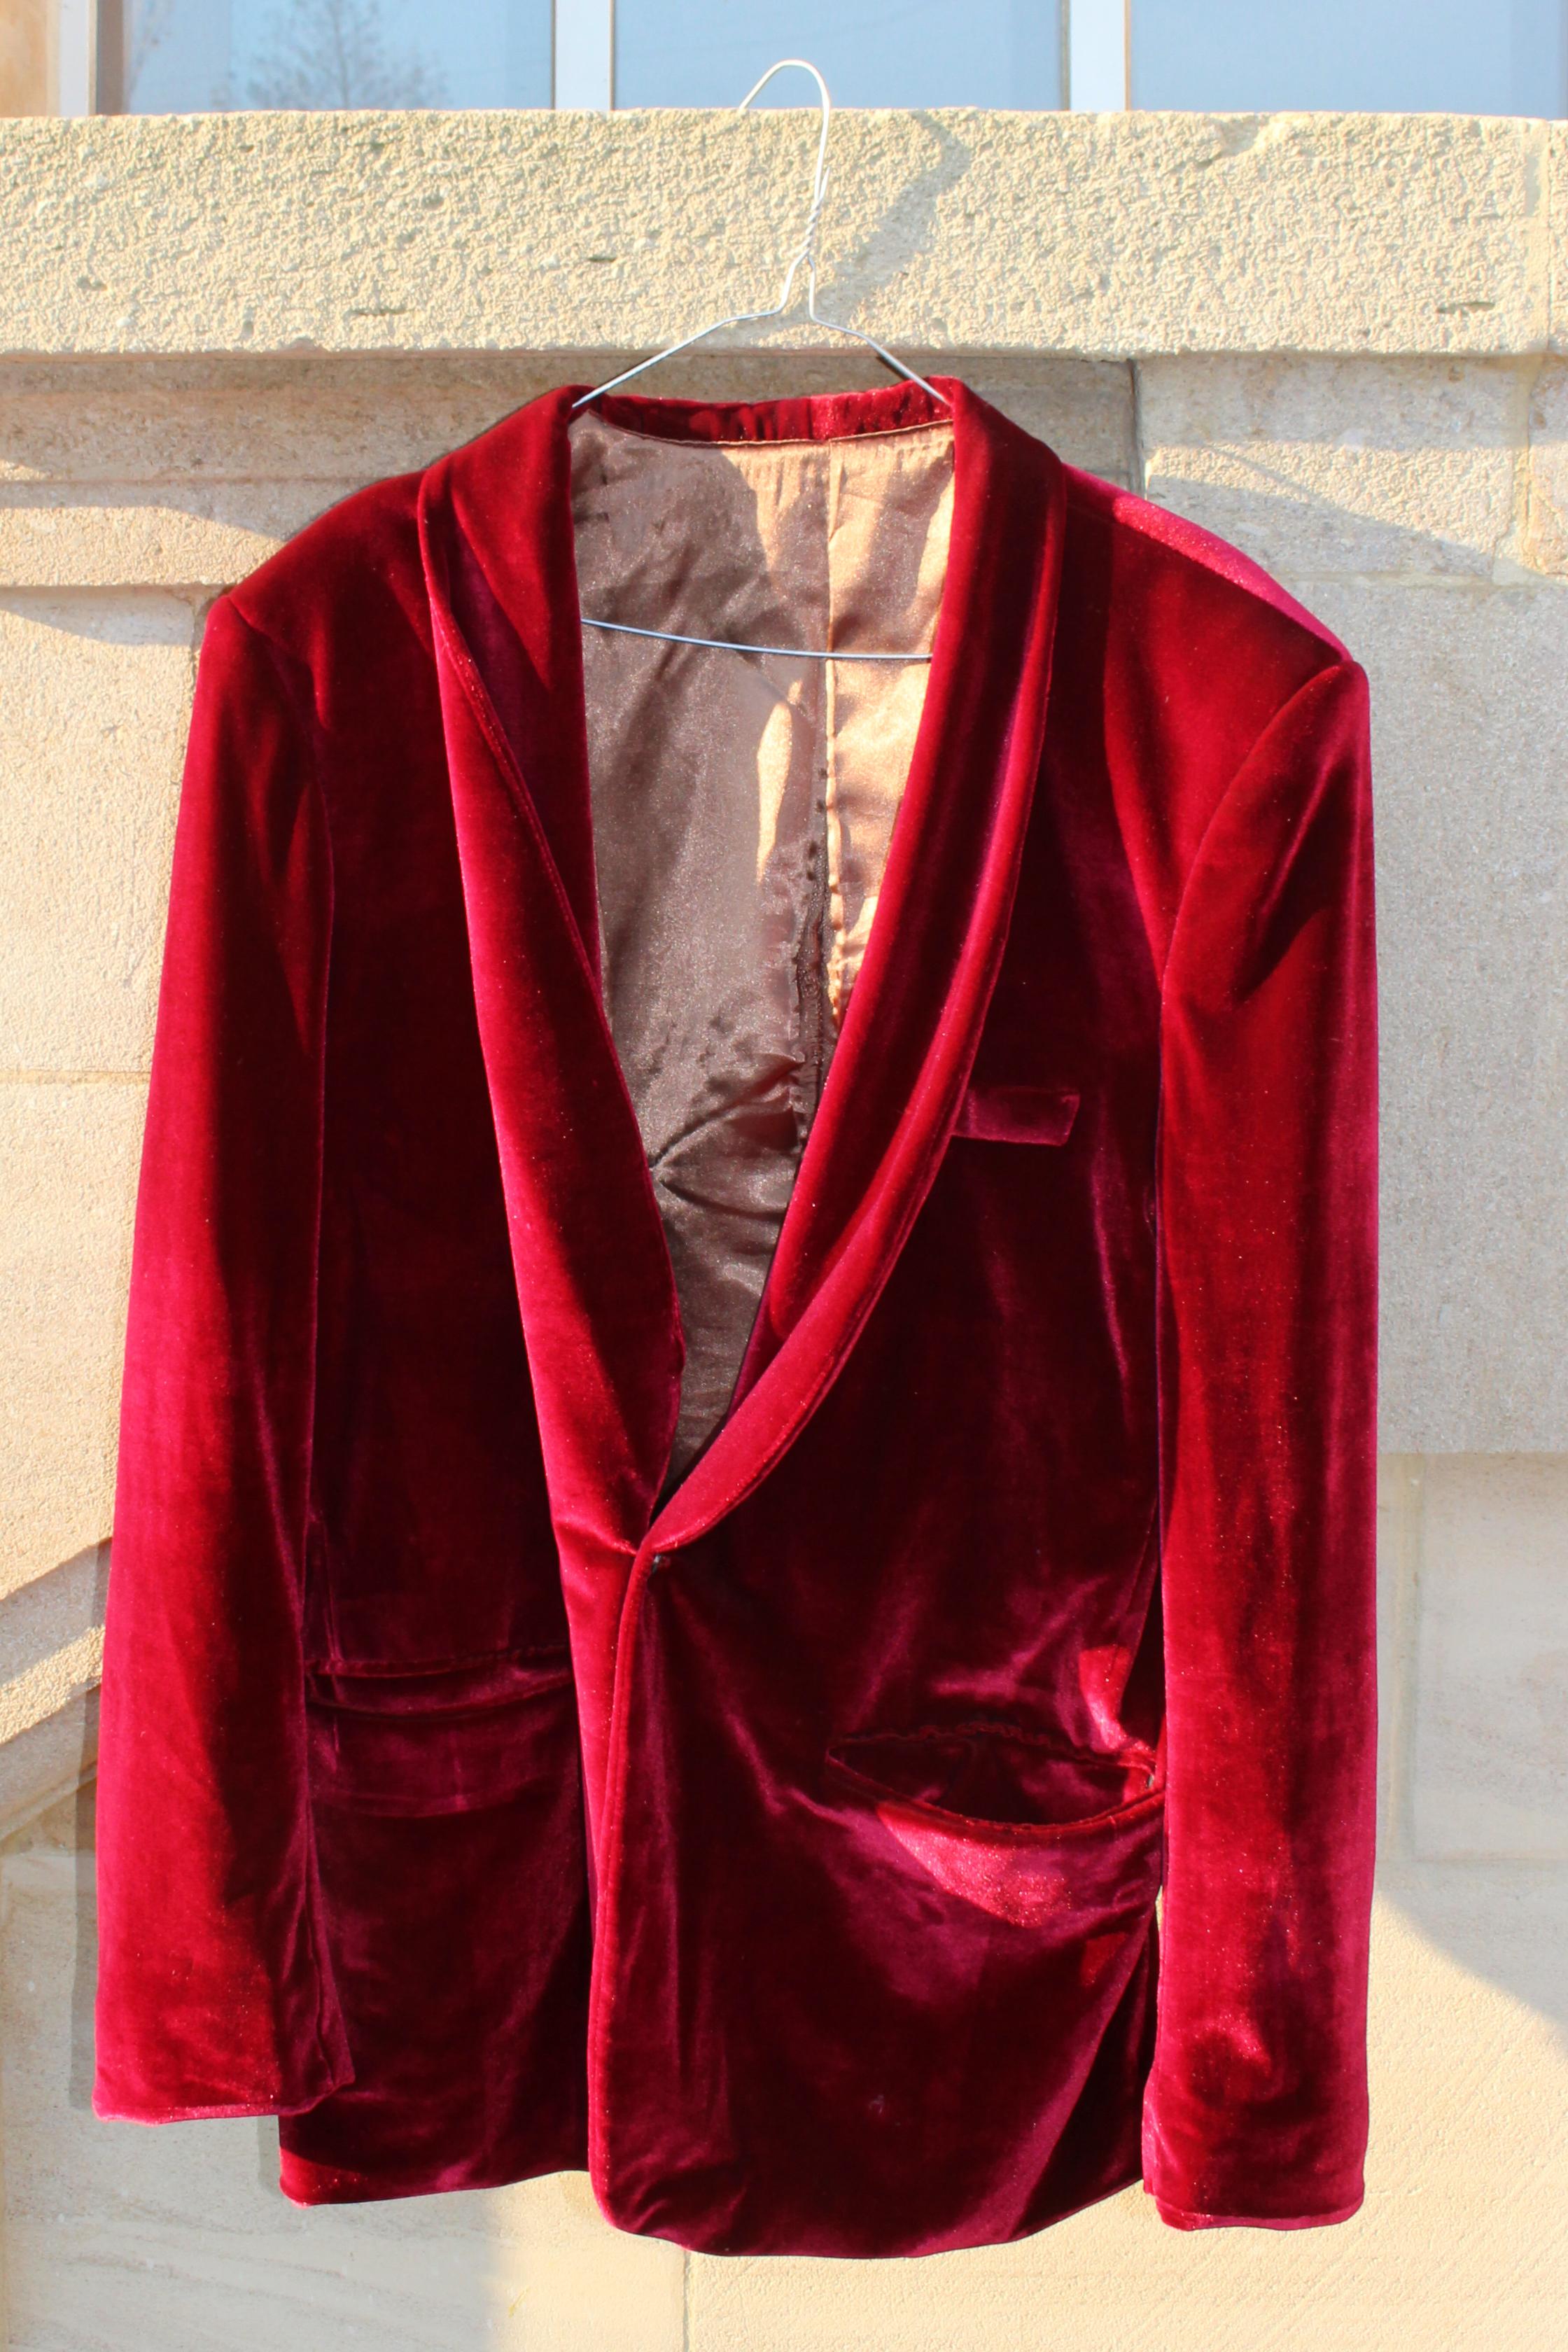 Ravi sehgal red velvet jacket, from Unicorn, 5 Ship Street, Oxford